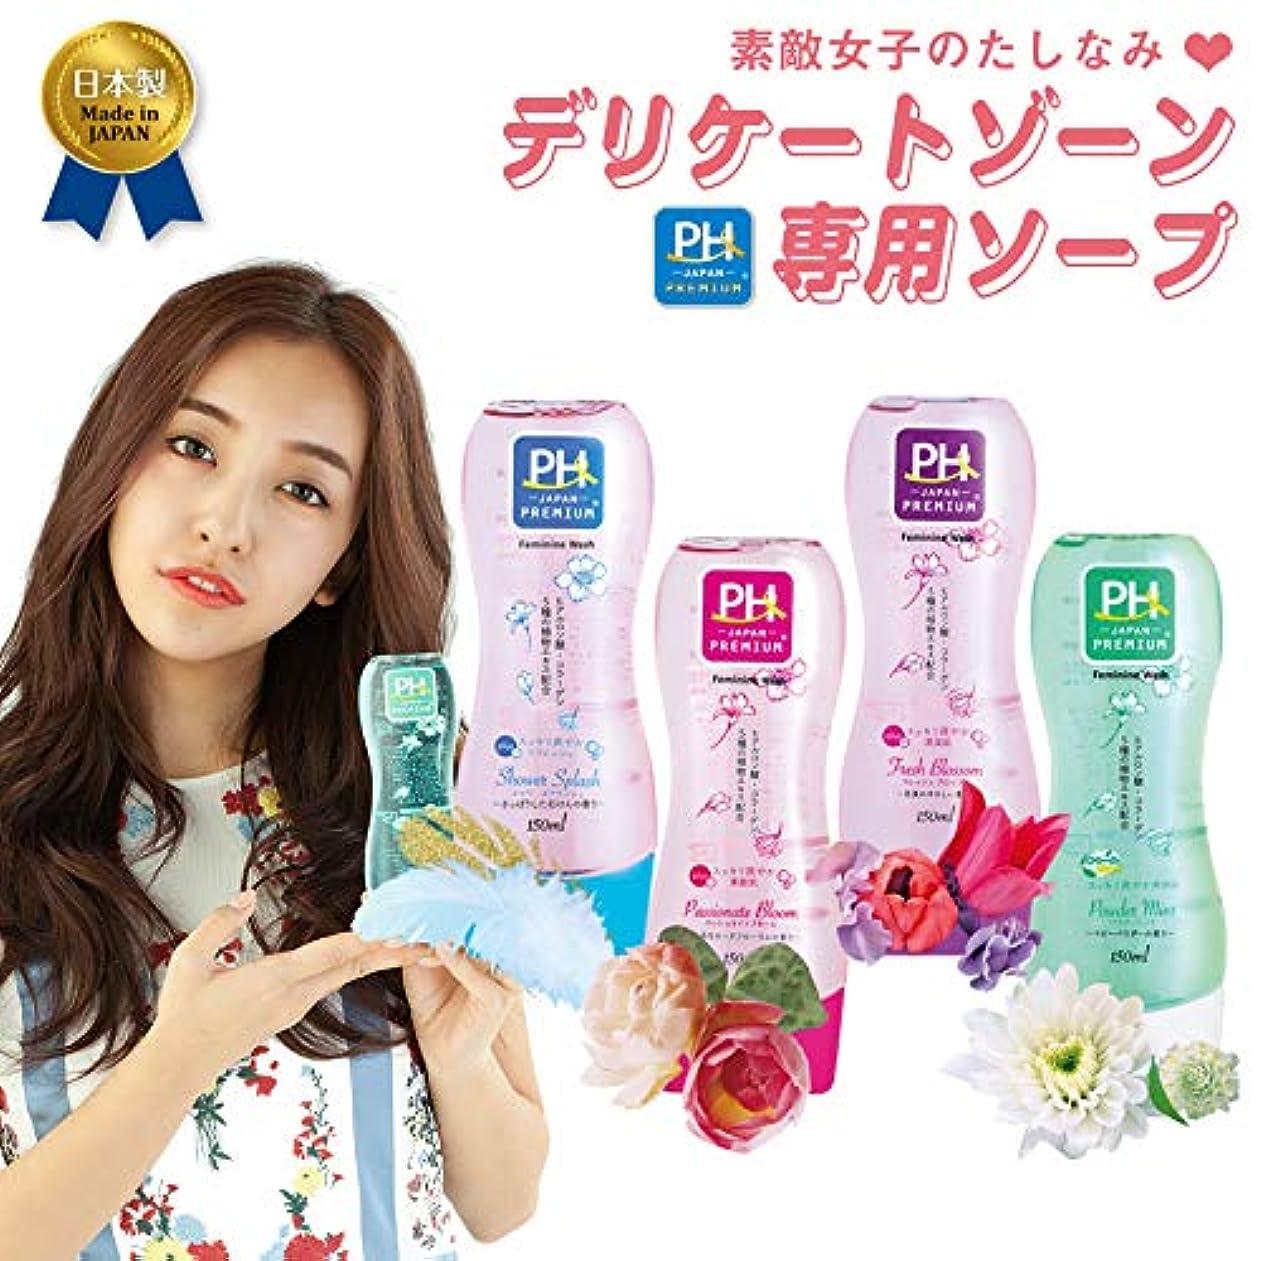 プレミア平衡乳フレッシュブロッソム2本セット PH JAPAN フェミニンウォッシュ 花束のやさしい香り